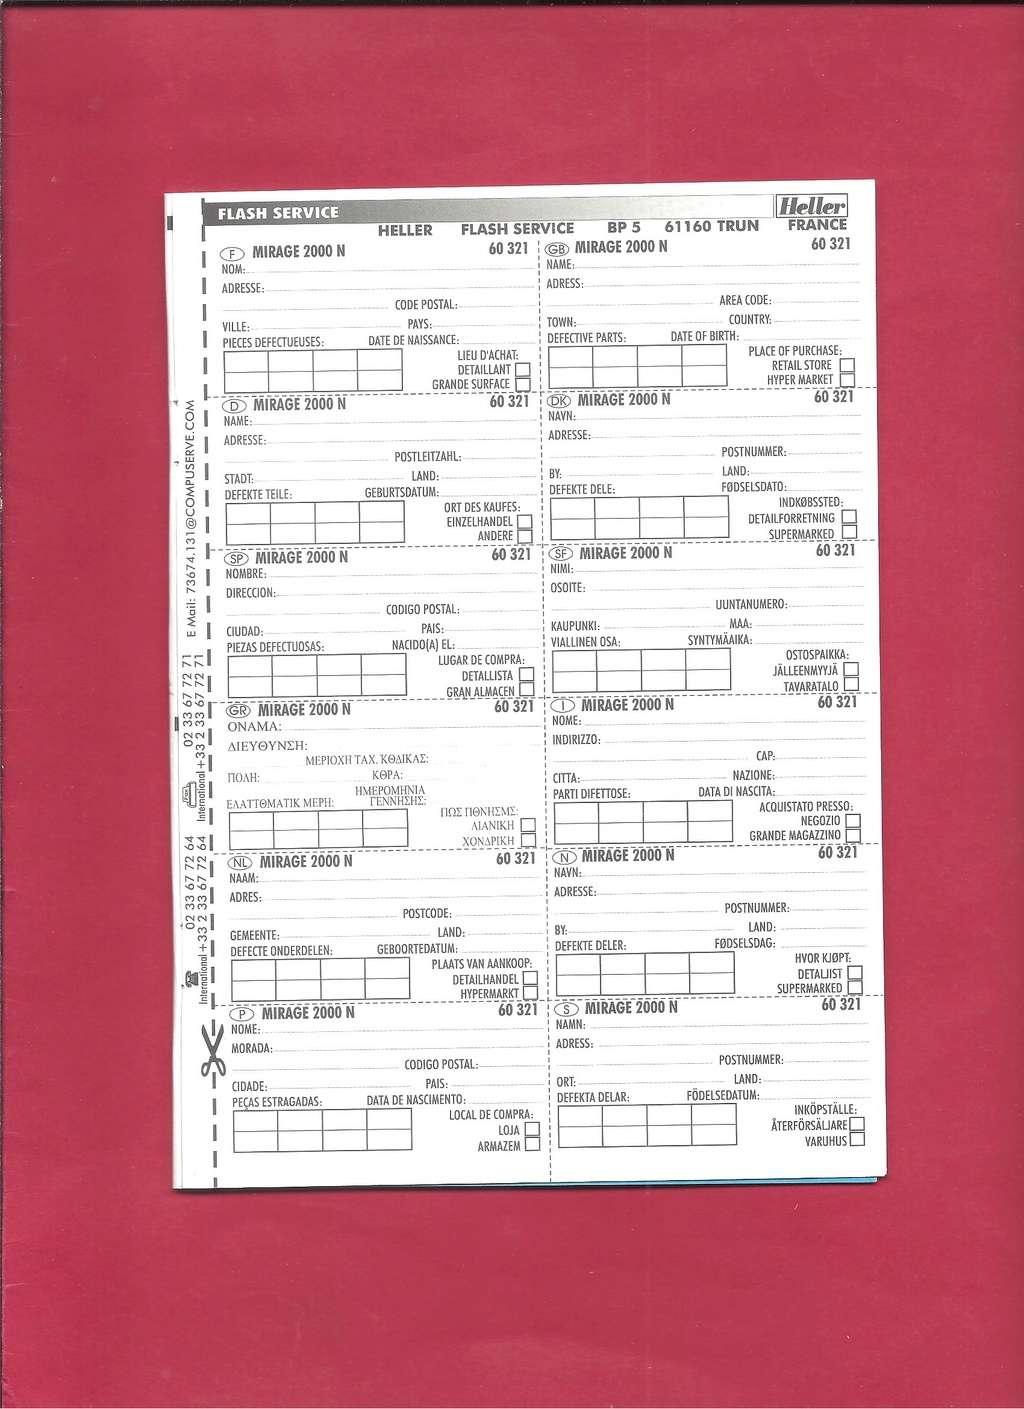 DASSAULT MIRAGE 2000 N 1/72ème Réf 60321 Notice Hell1058